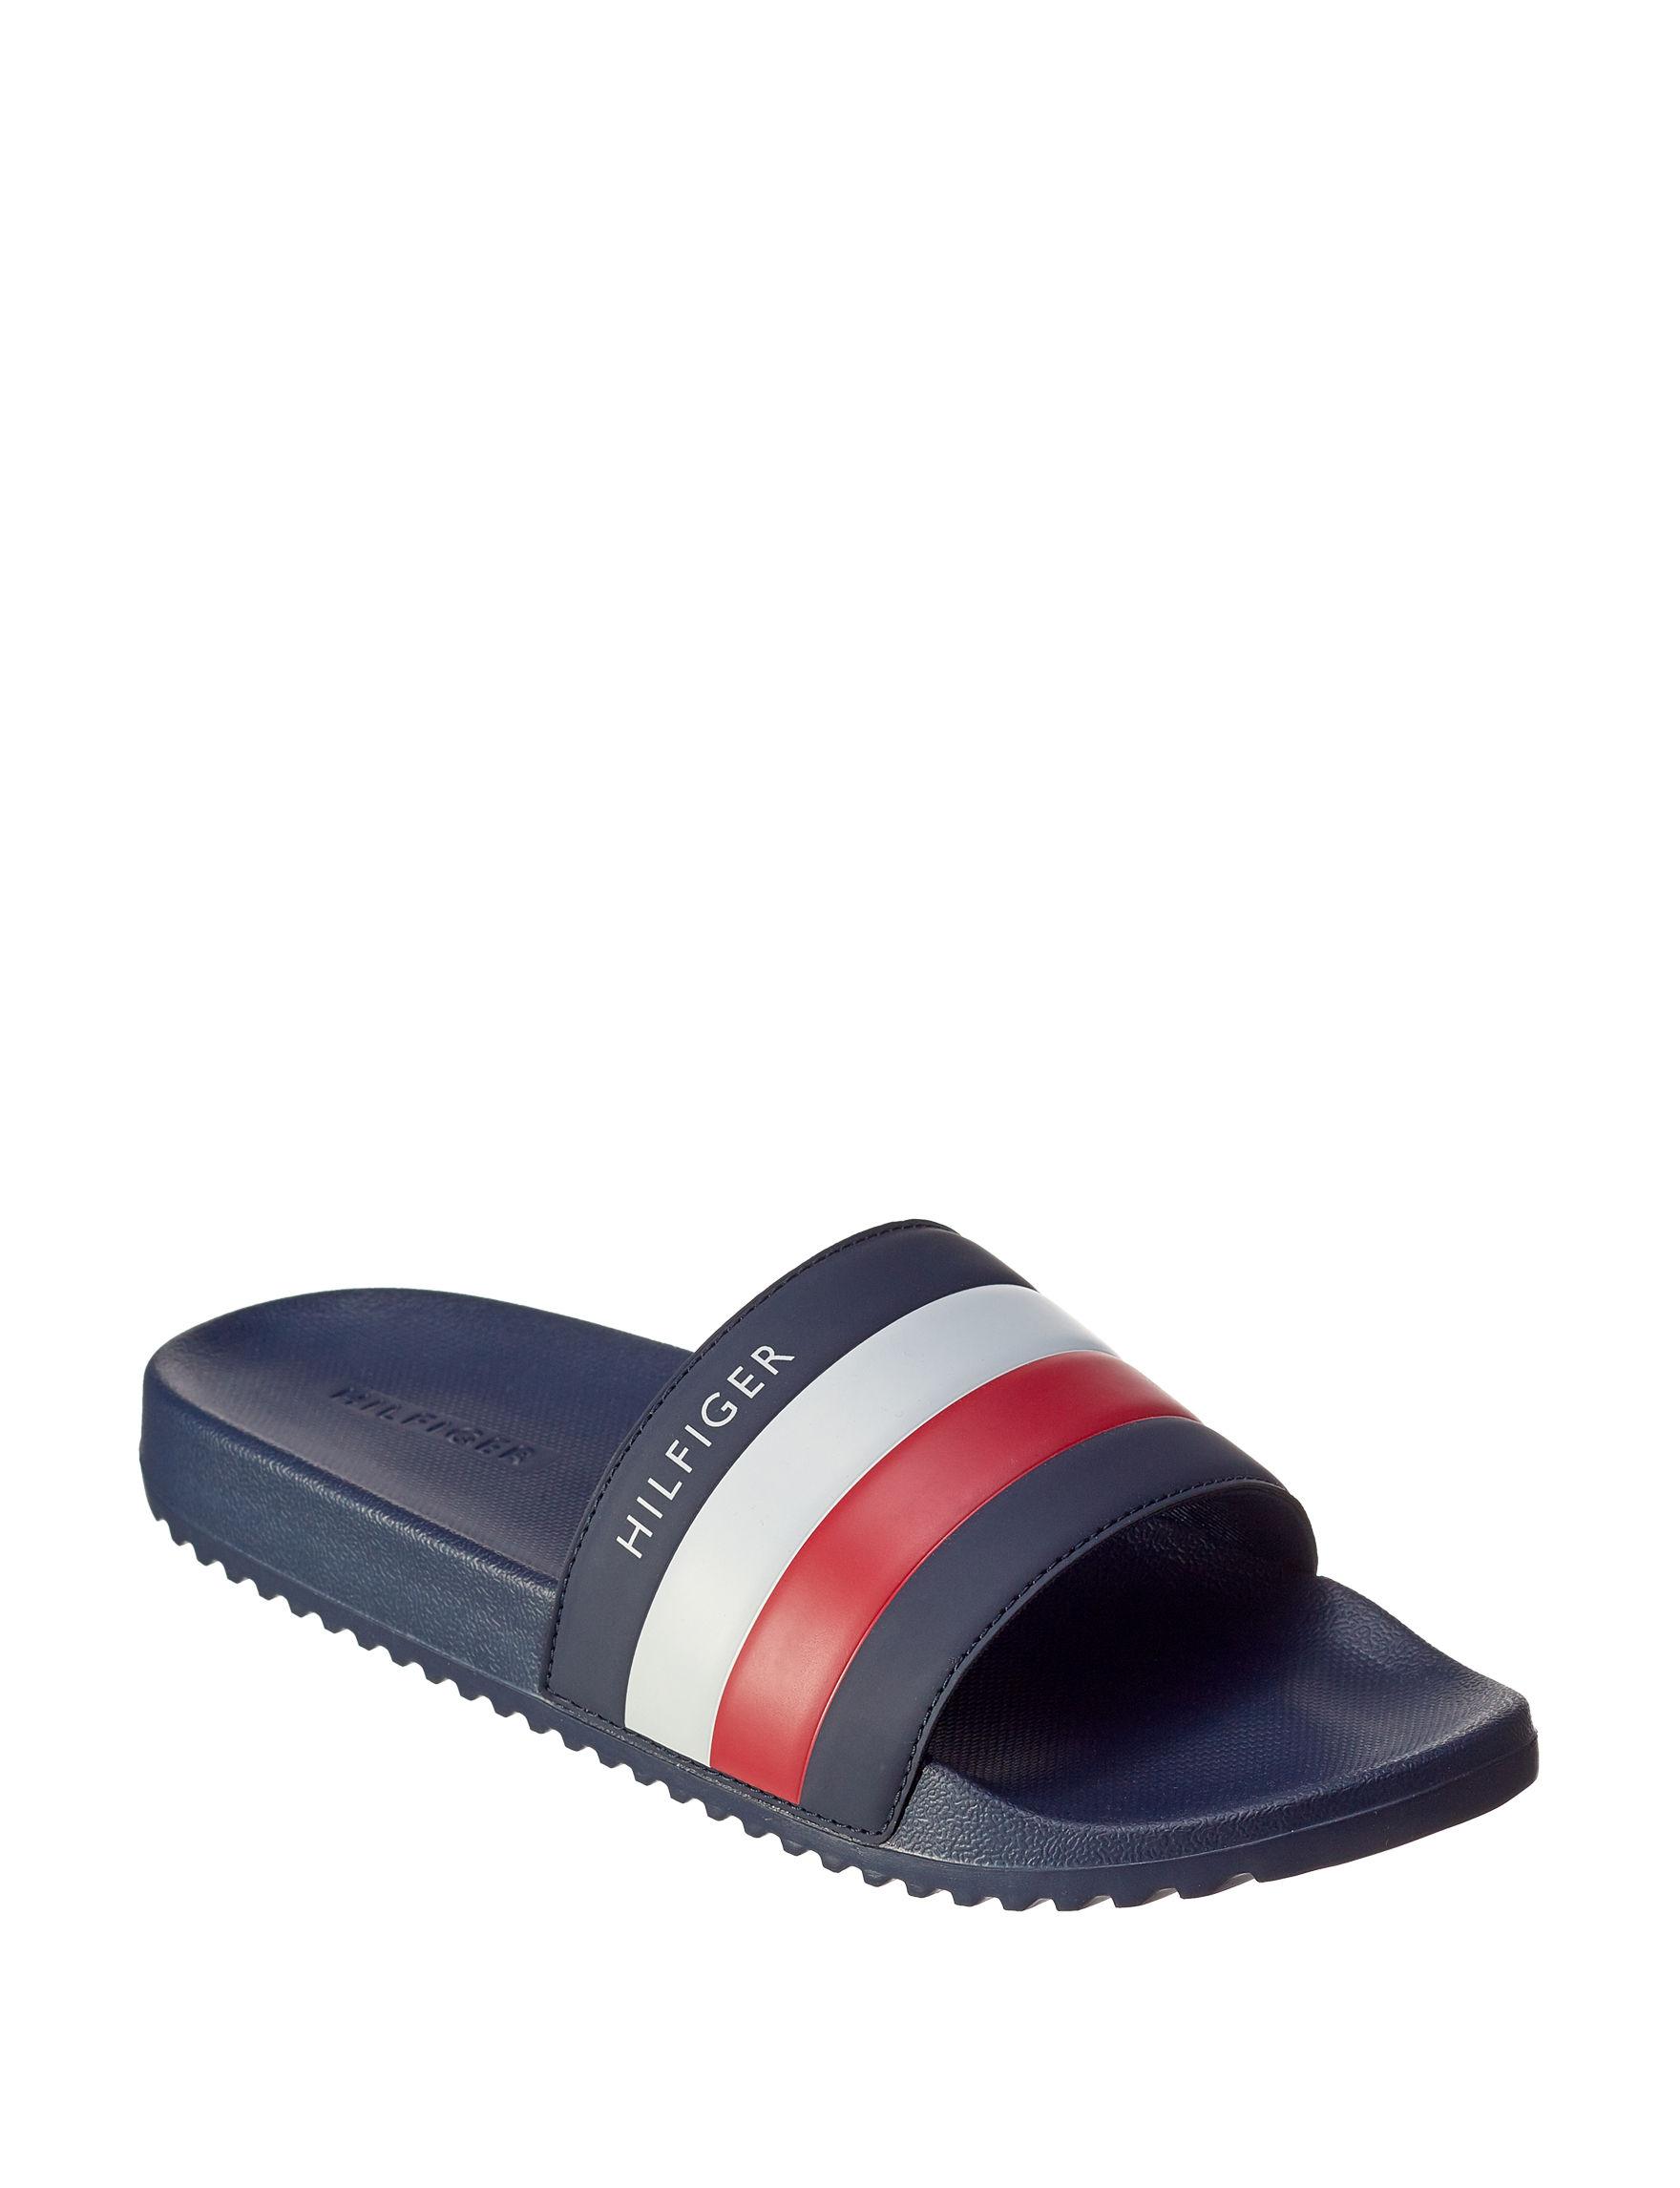 Tommy Hilfiger Navy Slide Sandals